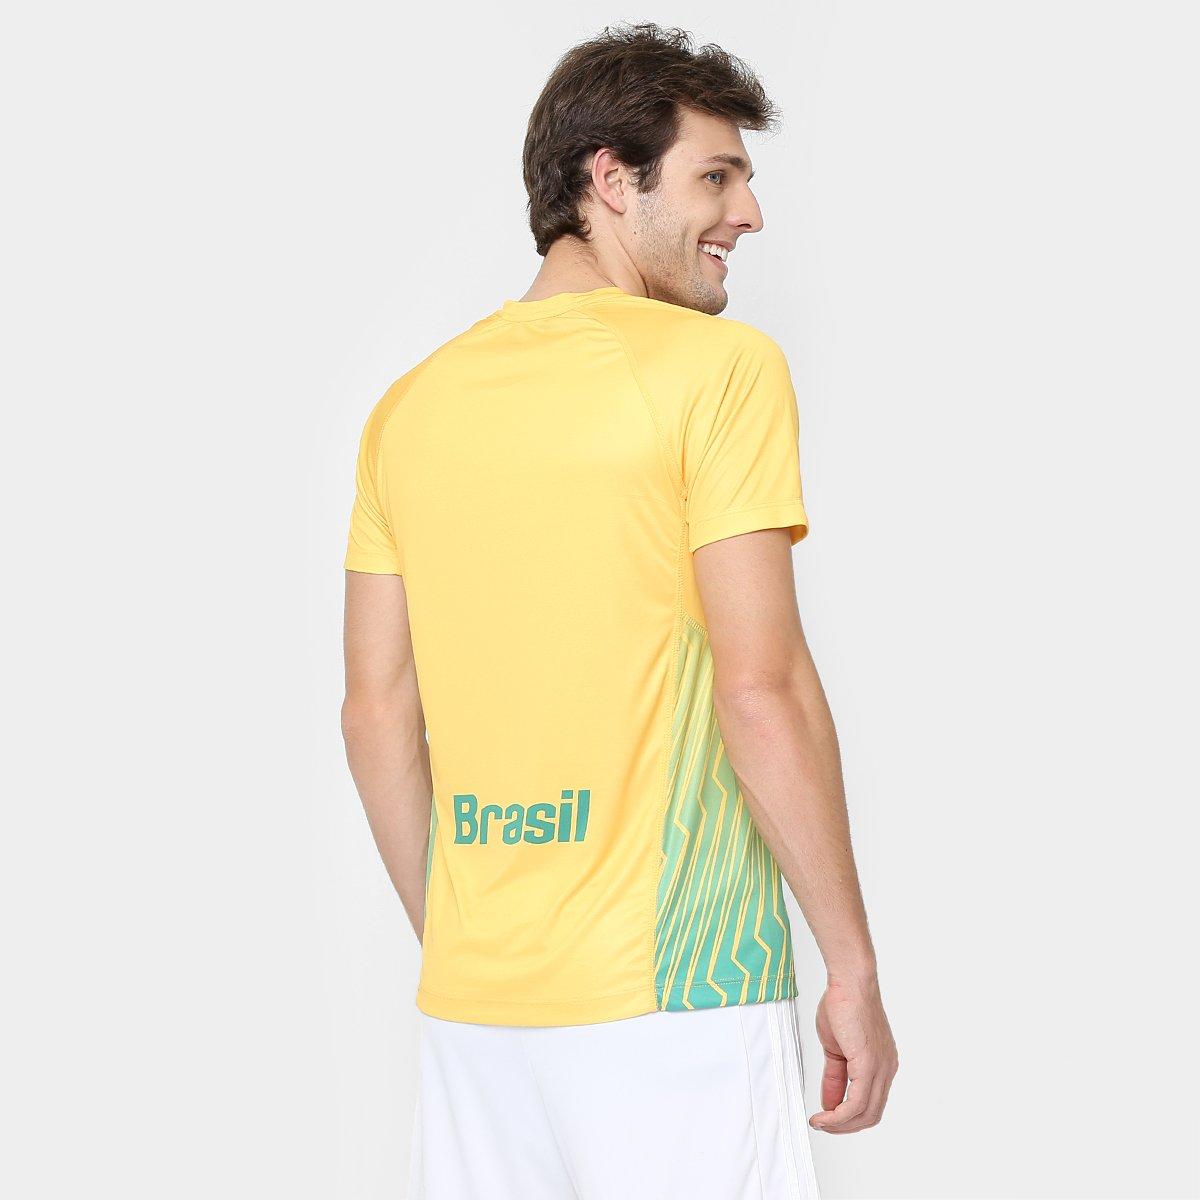 3f63fe957c Camiseta Asics Brasil de Jogo Handebol Masculina - Compre Agora ...